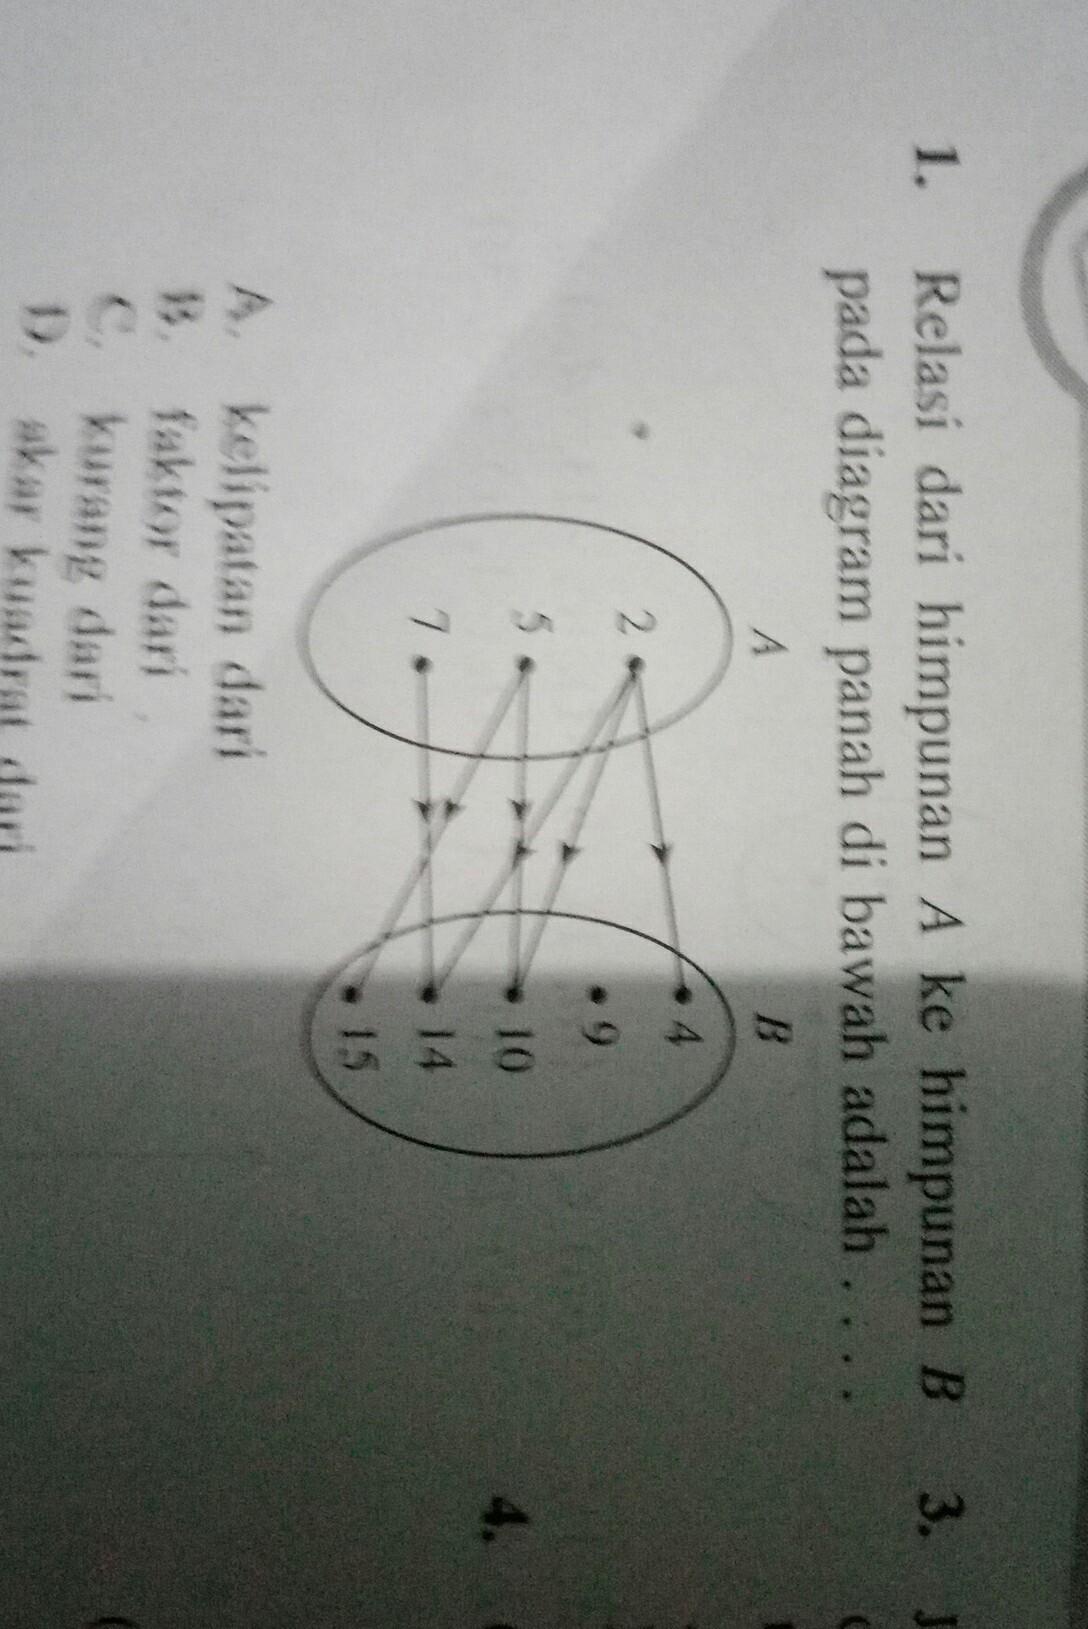 Relasi dari himpunan a ke himpunan b pada diagram panah di bawah relasi dari himpunan a ke himpunan b pada diagram panah di bawah adalah ccuart Image collections